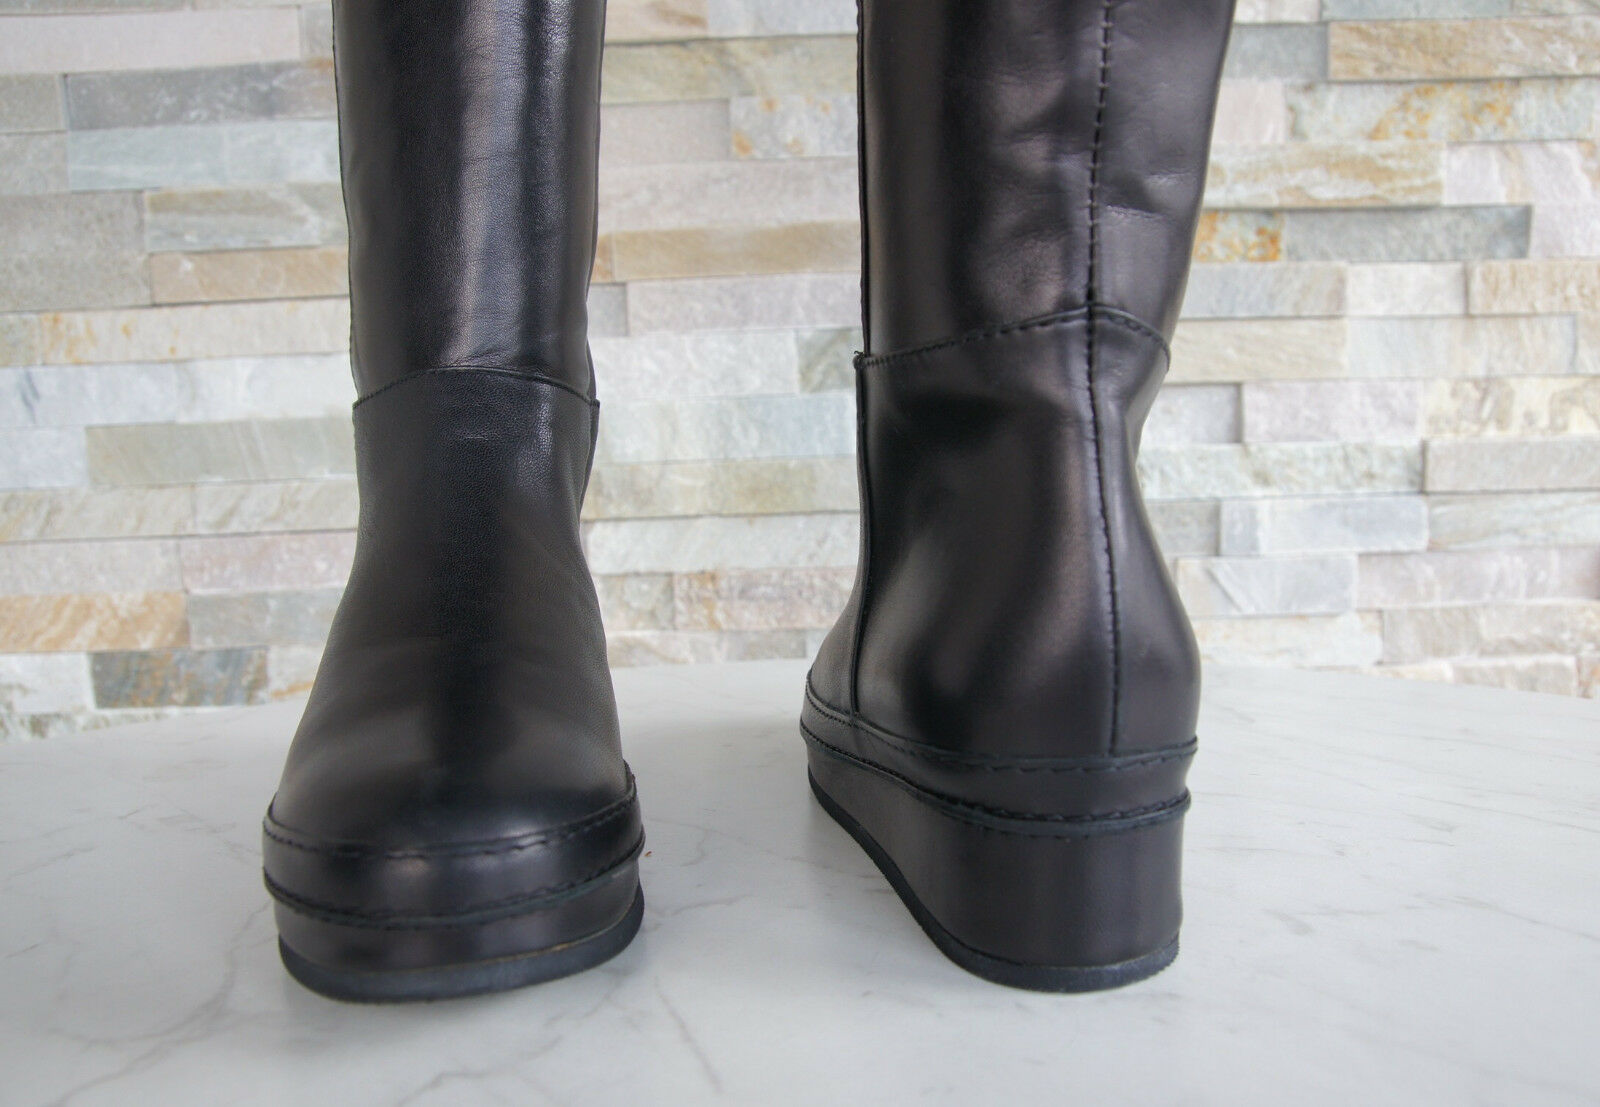 Baldinini 36,5 Trend T 36,5 Baldinini Bottes Fourrure 148334 Boots Chaussures Noir Nouveau Prix RecomFemmedé 7fad95